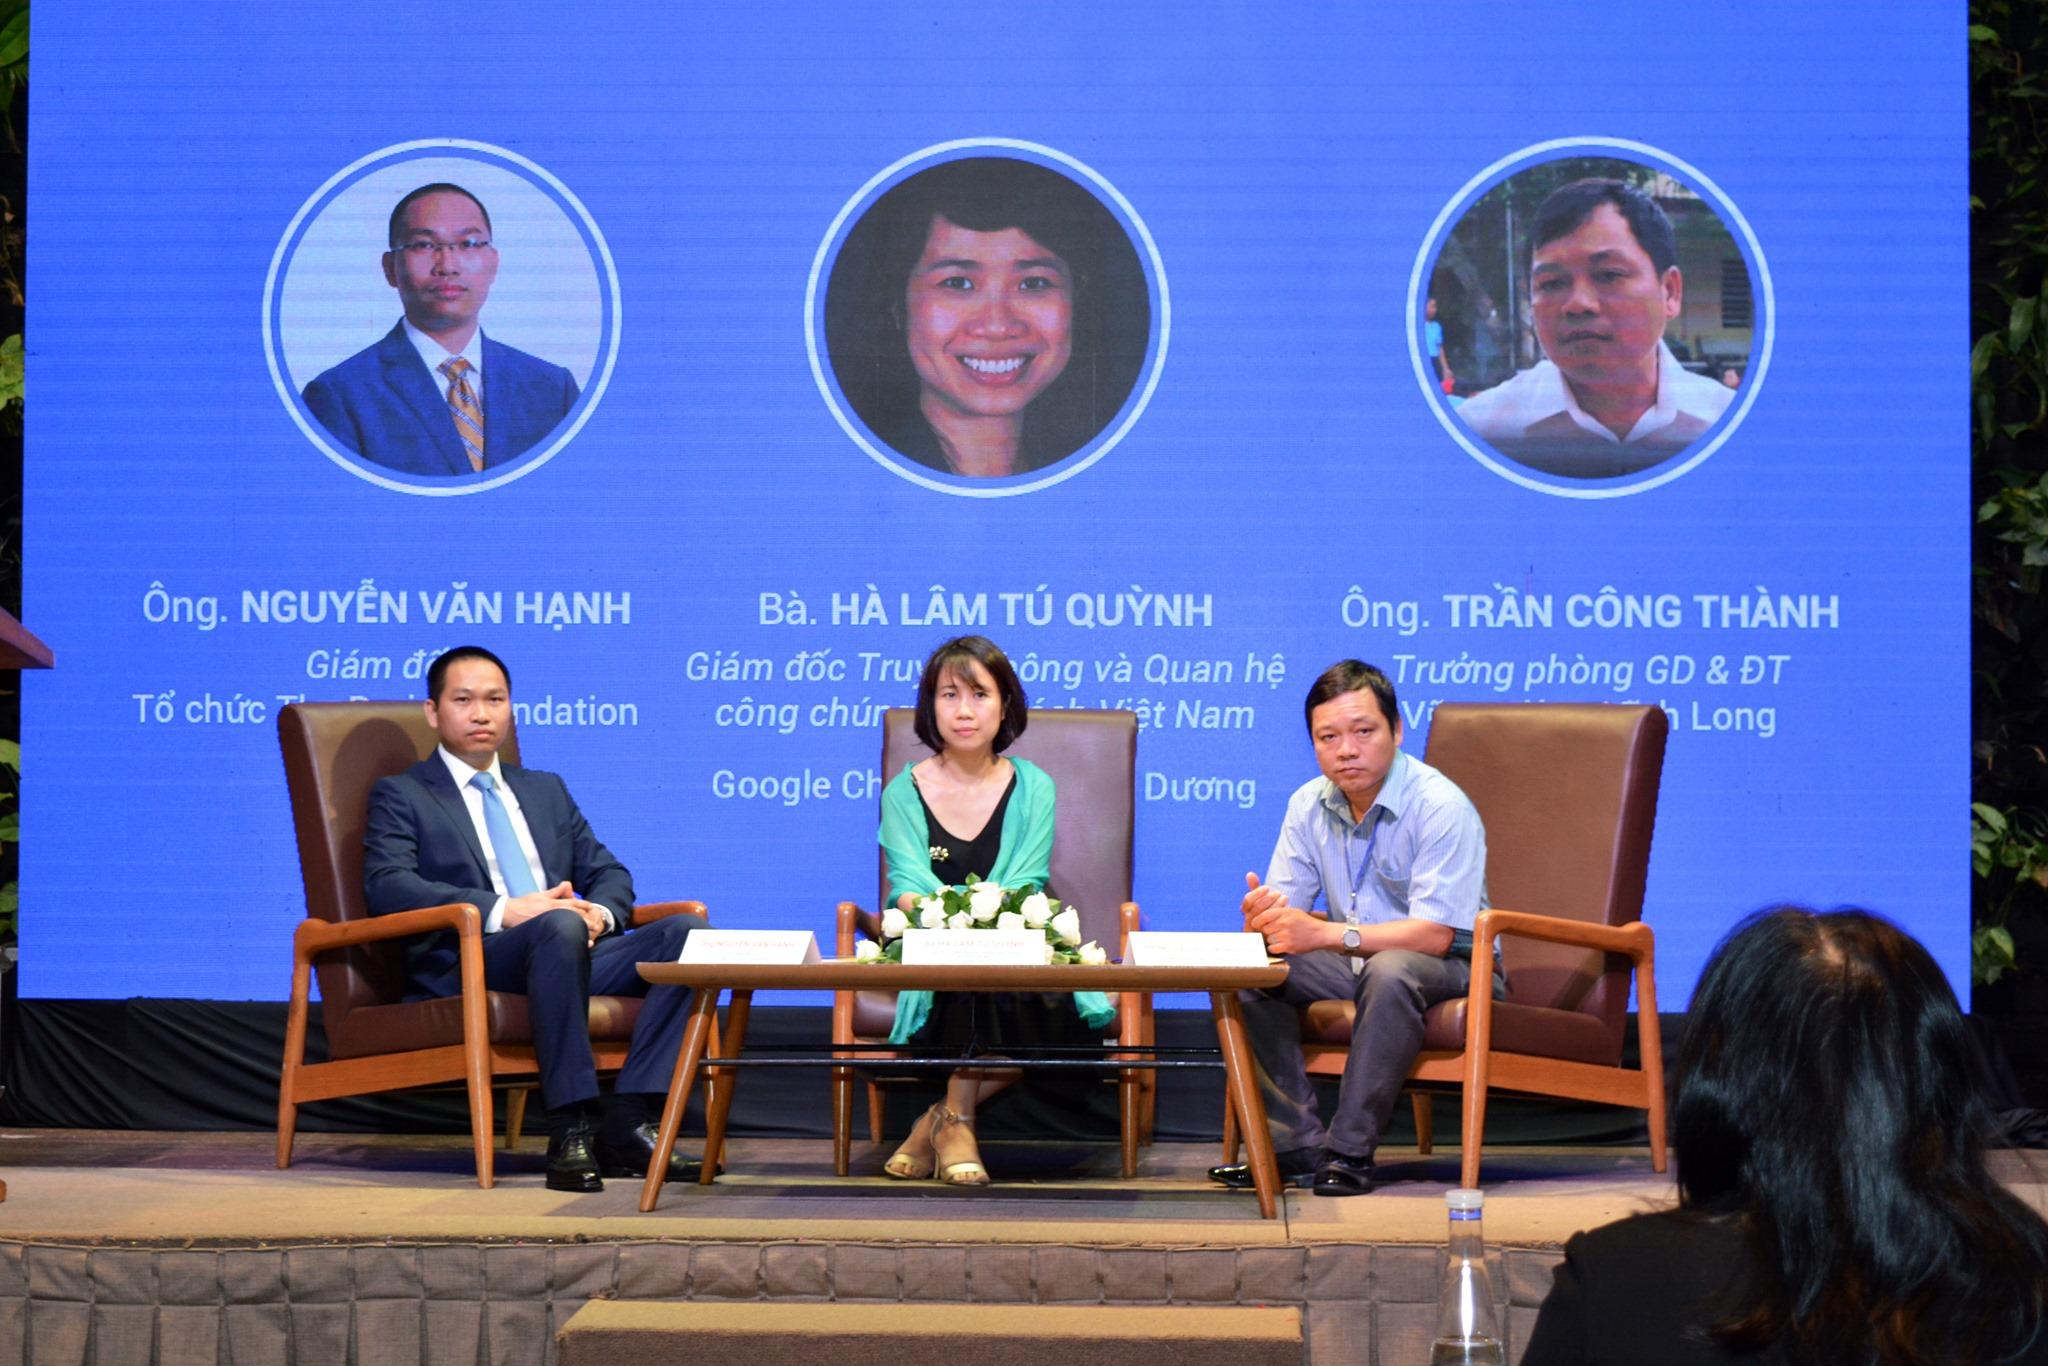 """Dự án """"Lập trình tương lai cùng Google"""" cho 150.000 học sinh, sinh viên Việt Nam - 2"""